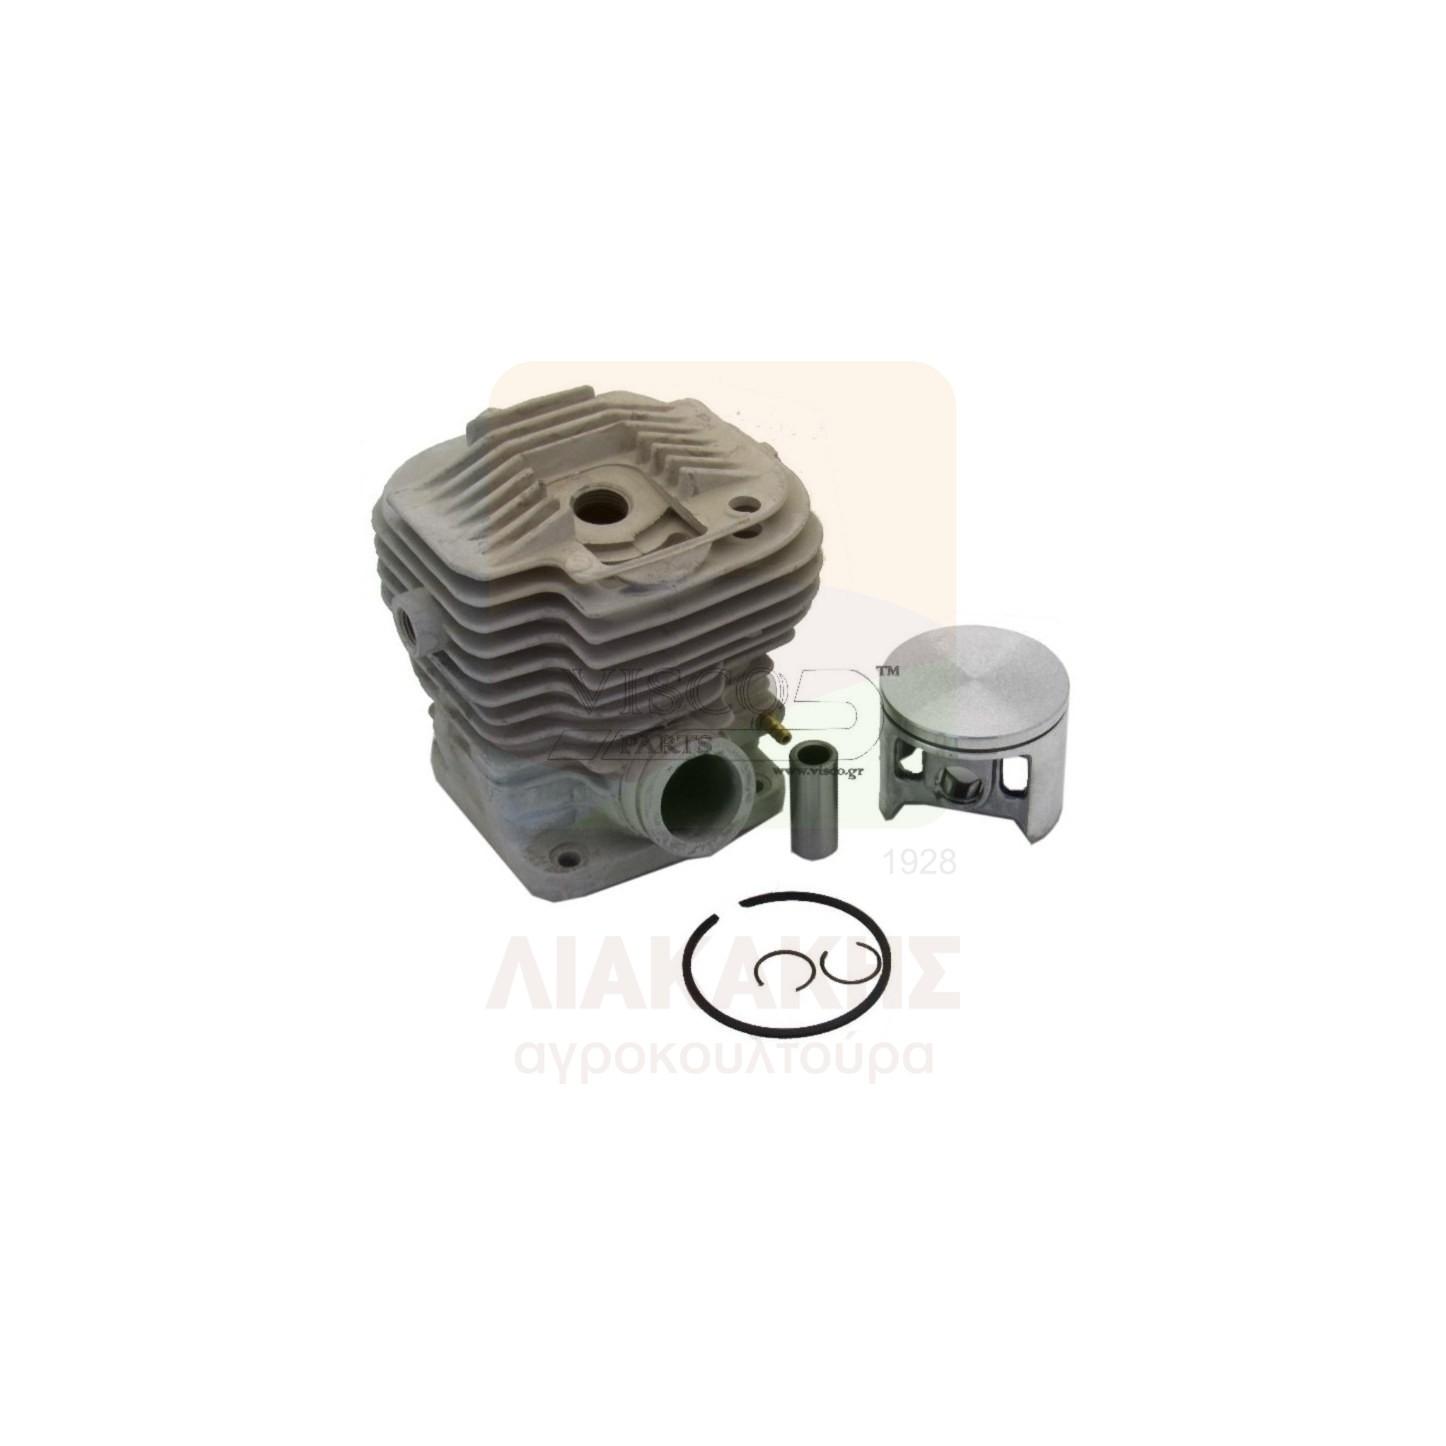 ΚΥΠ-67 Κυλινδροπίστονο MAKITA DPC 6412S (47mm)